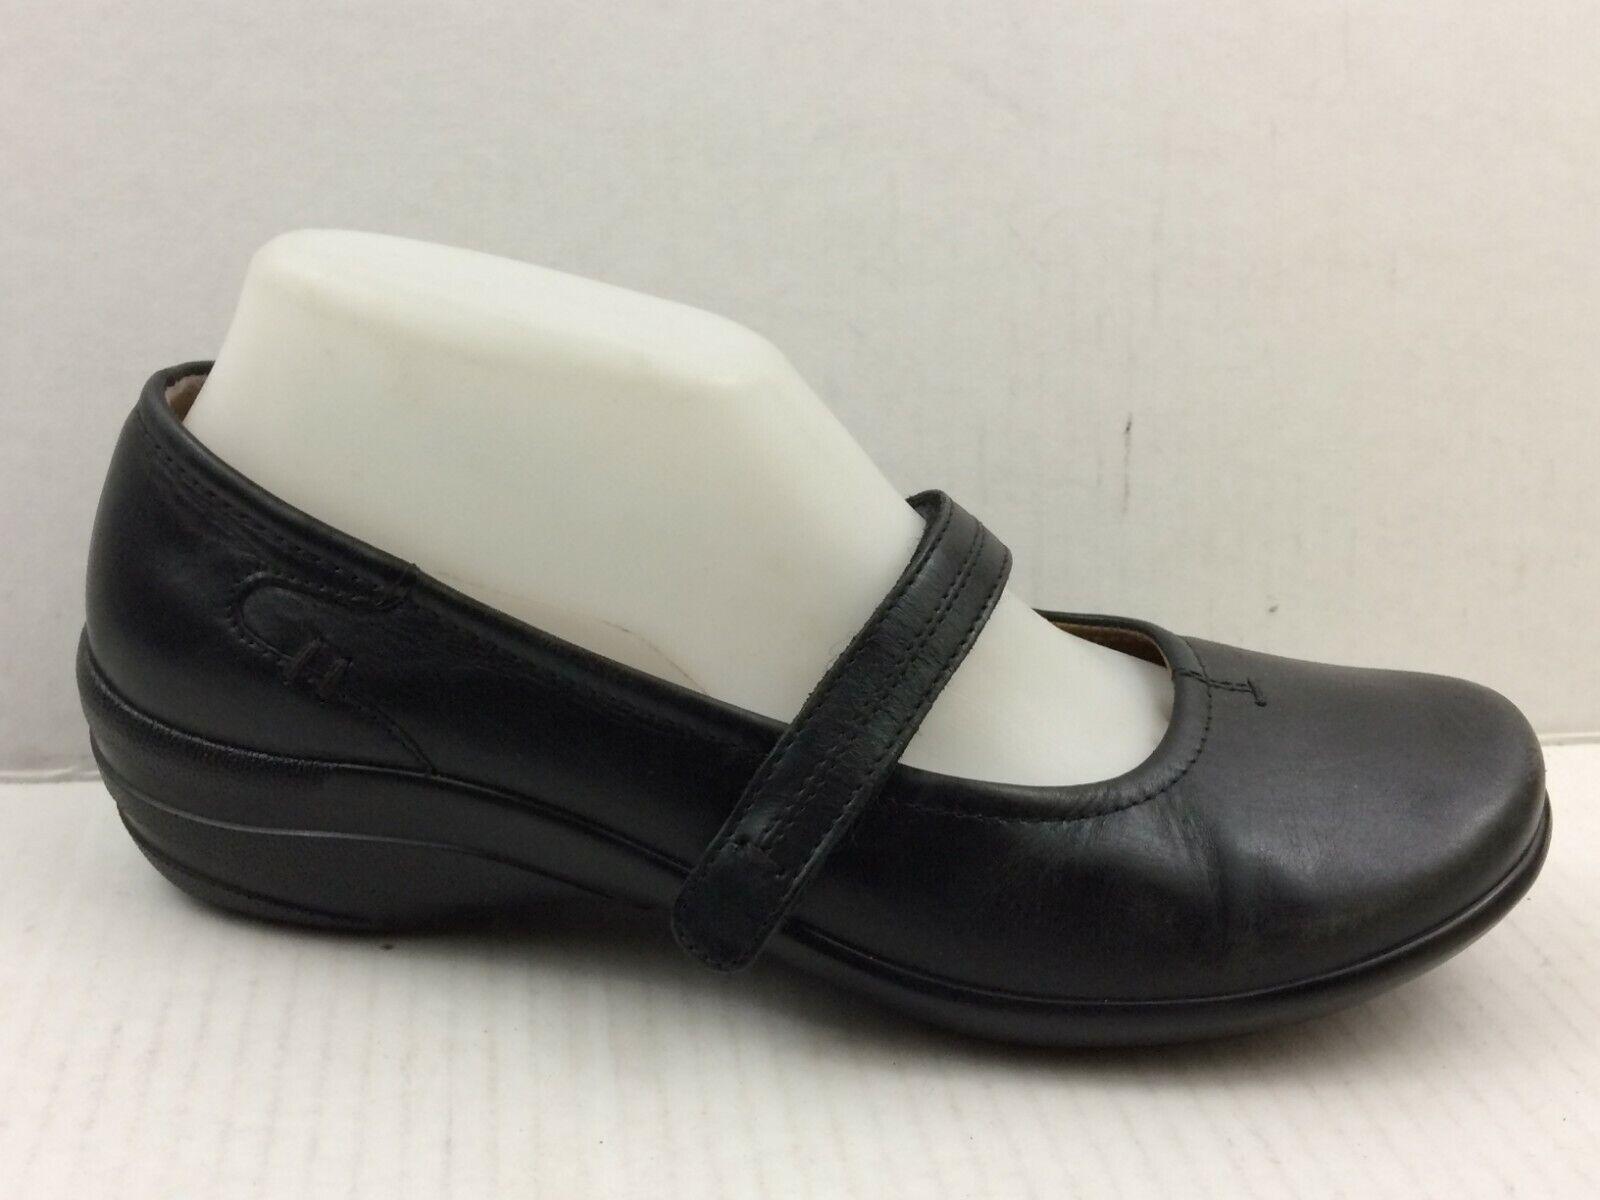 HOTTER Femme 7.5 Moyen Cuir noir Mary Jane Clogs Wedge Talons chaussures Confort